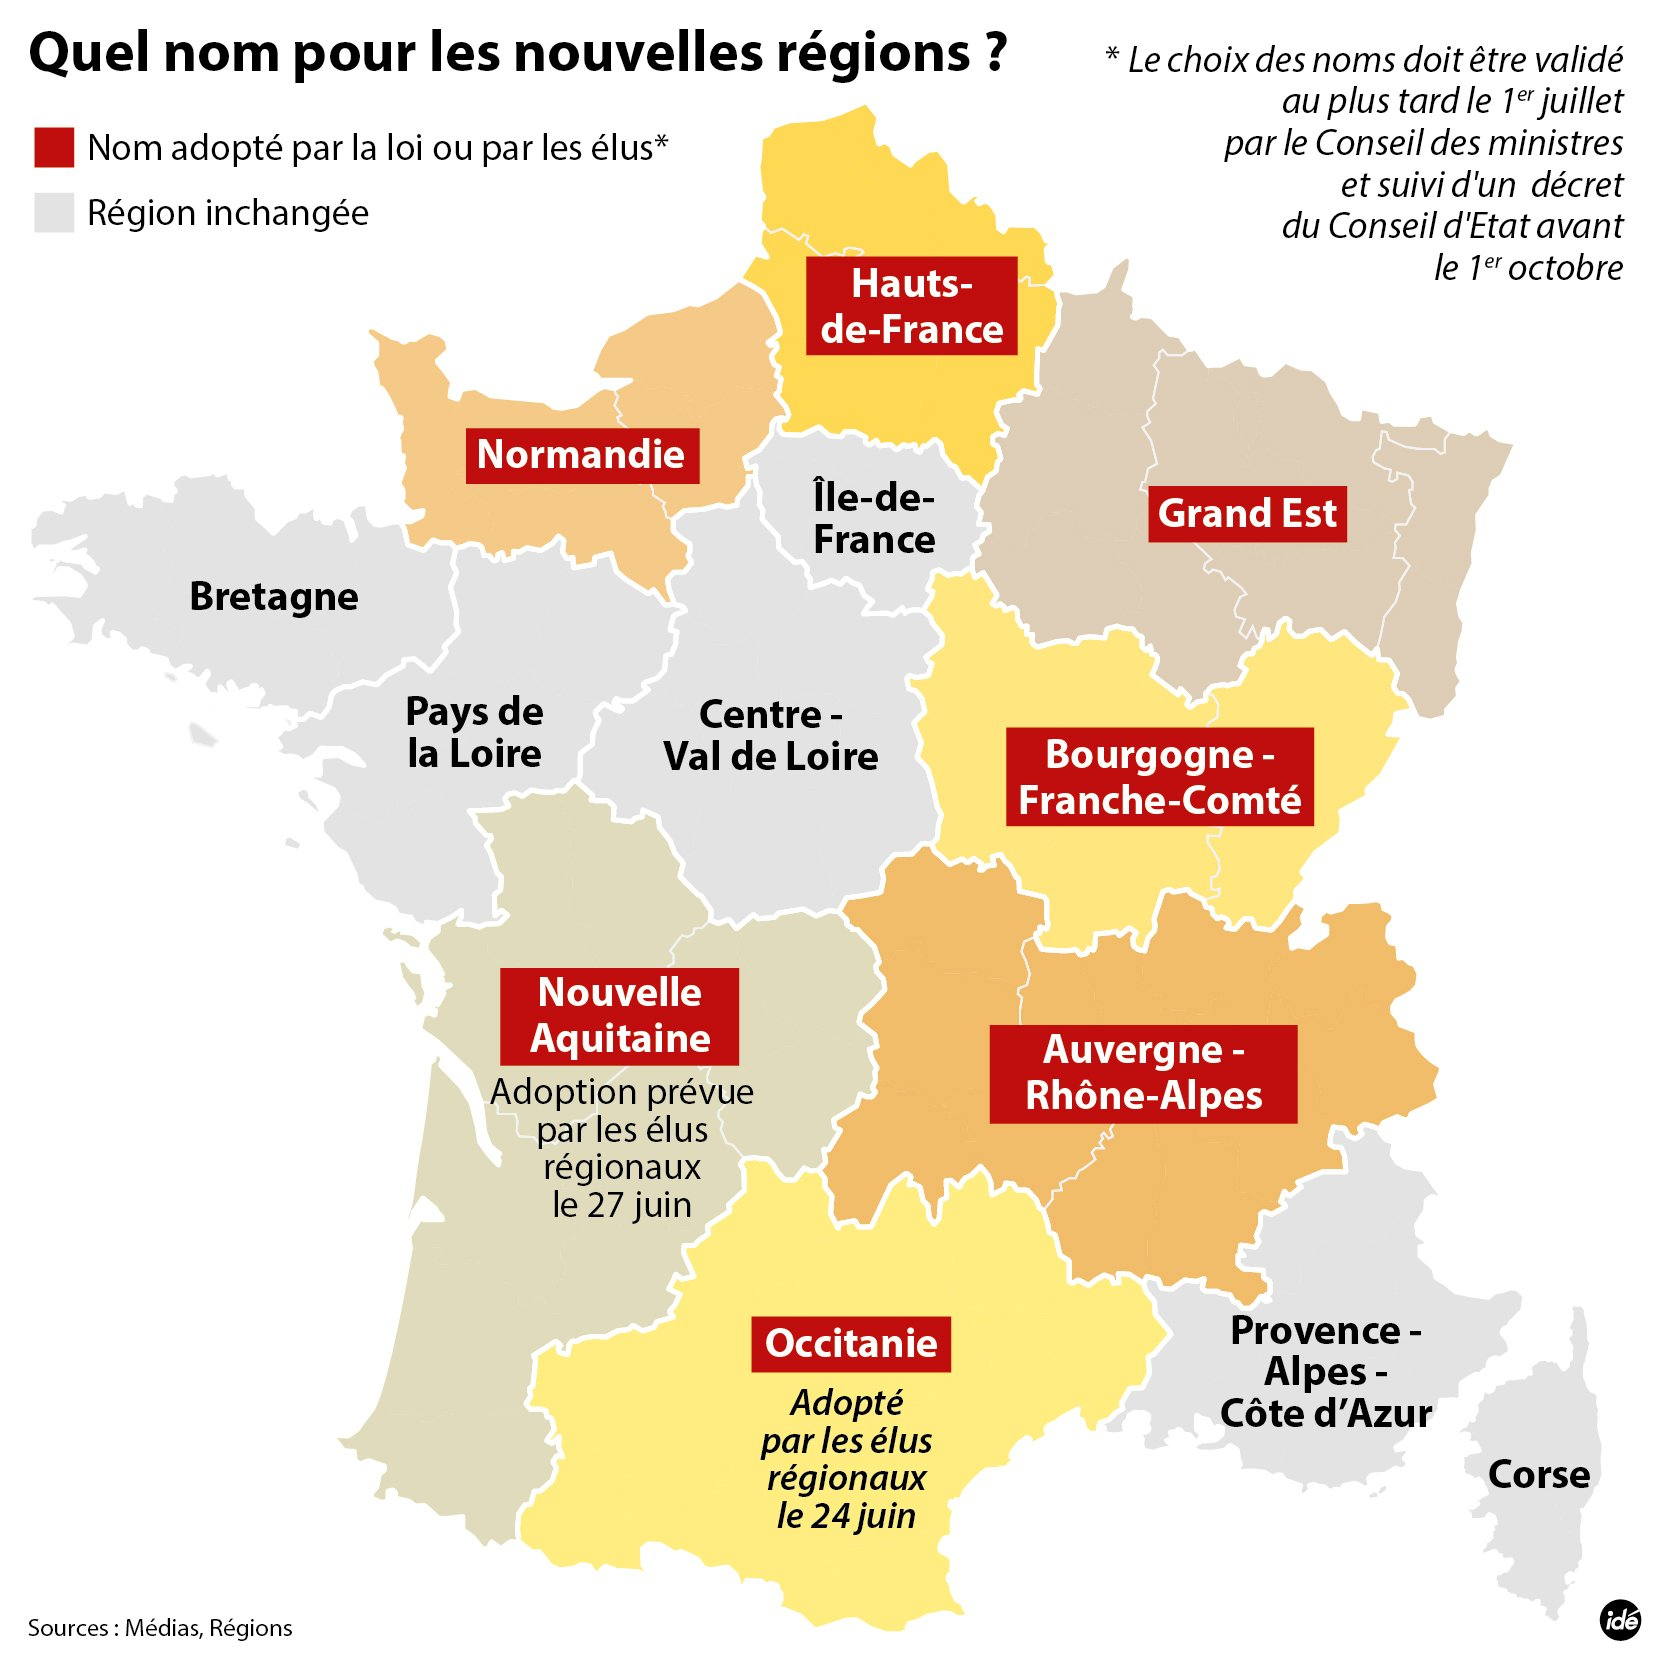 Nouvelle-Aquitaine : Nouveau Nom De La Grande Région pour Nouvelles Régions De France 2016